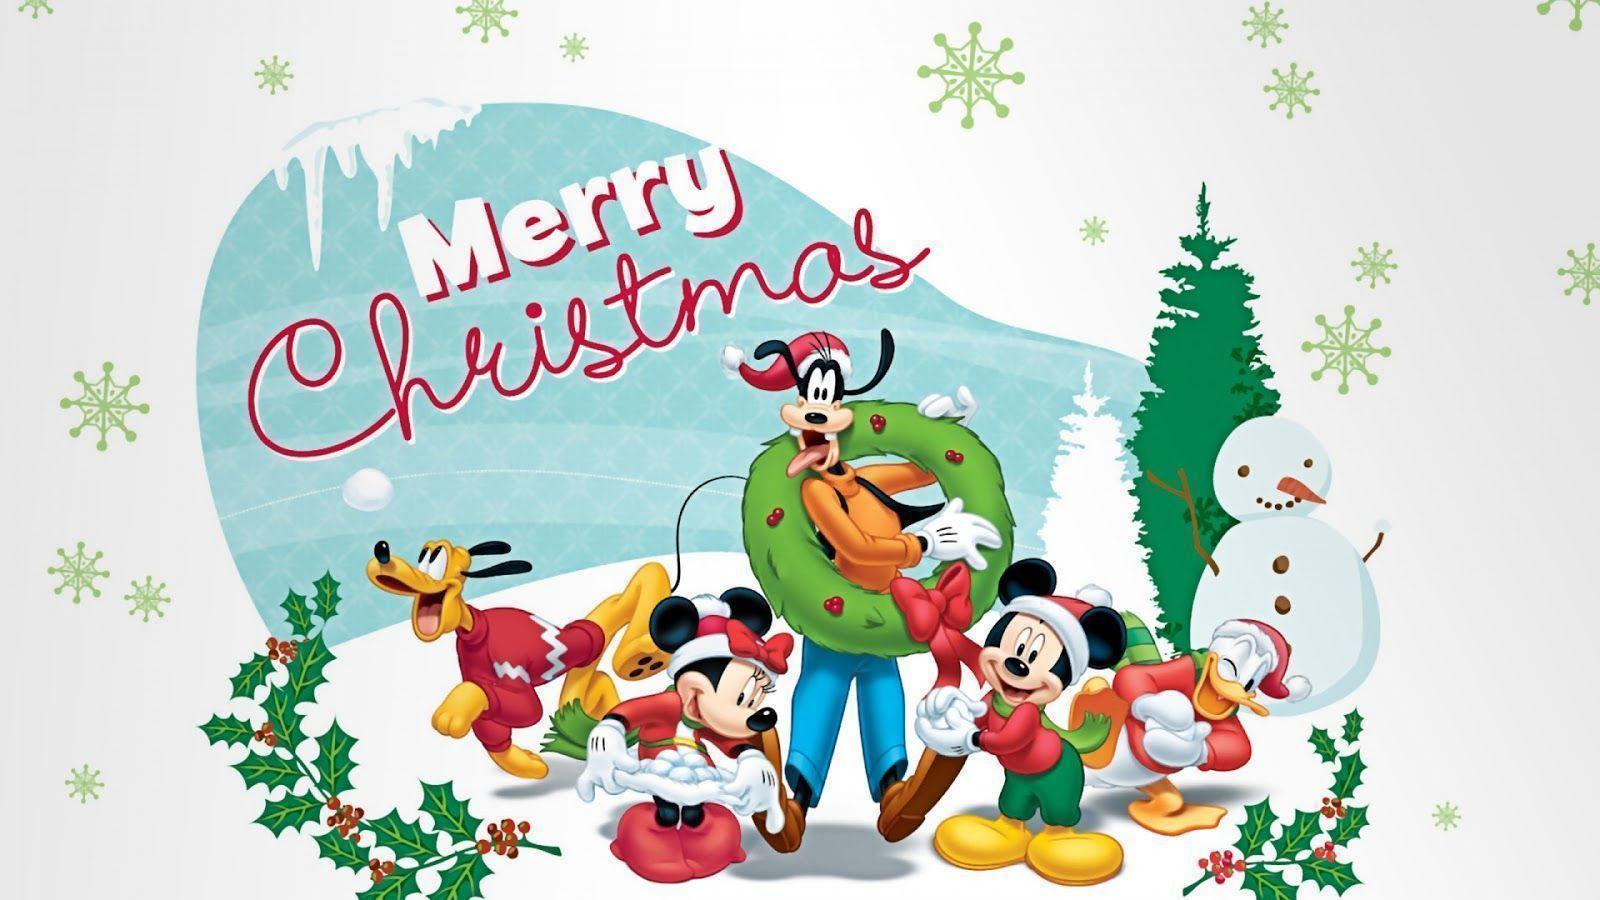 画像 可愛い ミッキーマウス ディズニーフレンズ友達 Pc